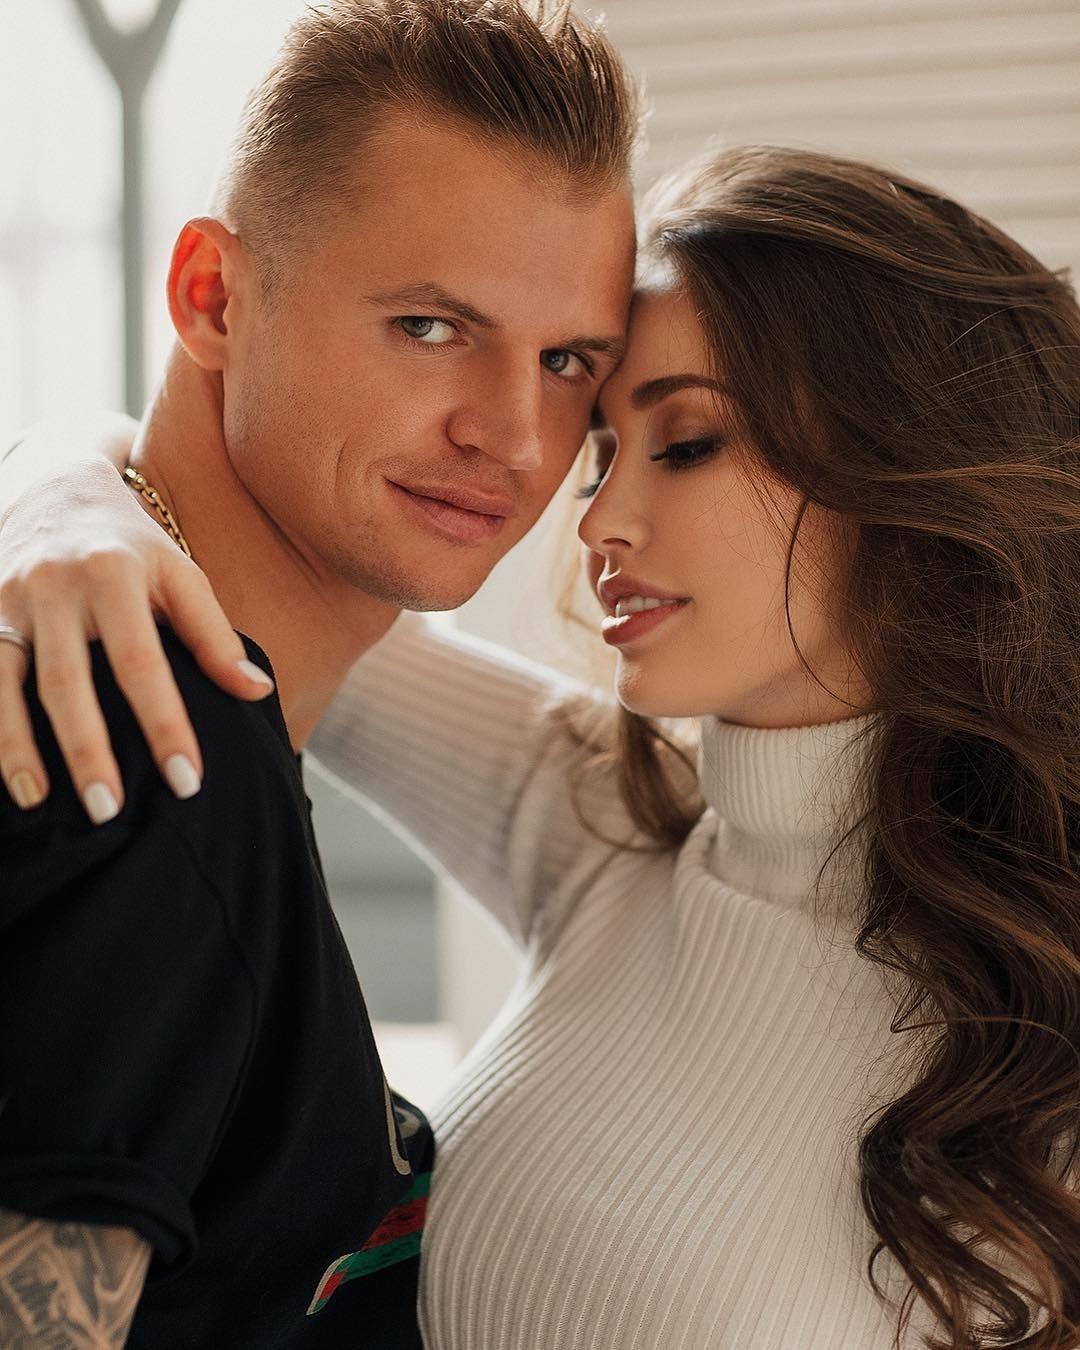 Дмитрий Тарасов и Анастасия Костенко поехали в отпуск со старшей дочкой футболиста